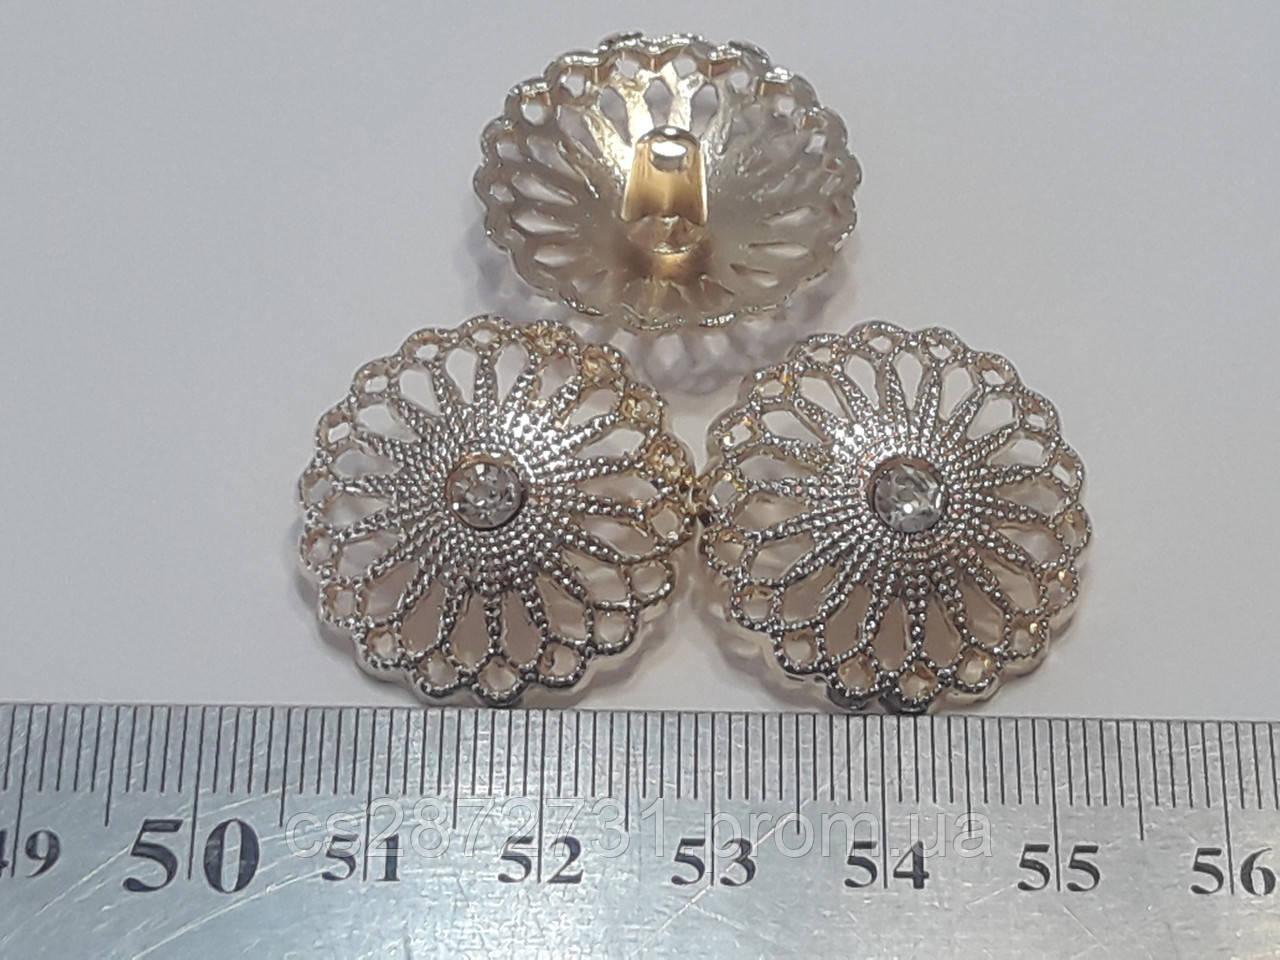 Пуговицы  круглой формы с горным хрусталем,диаметром 18 мм